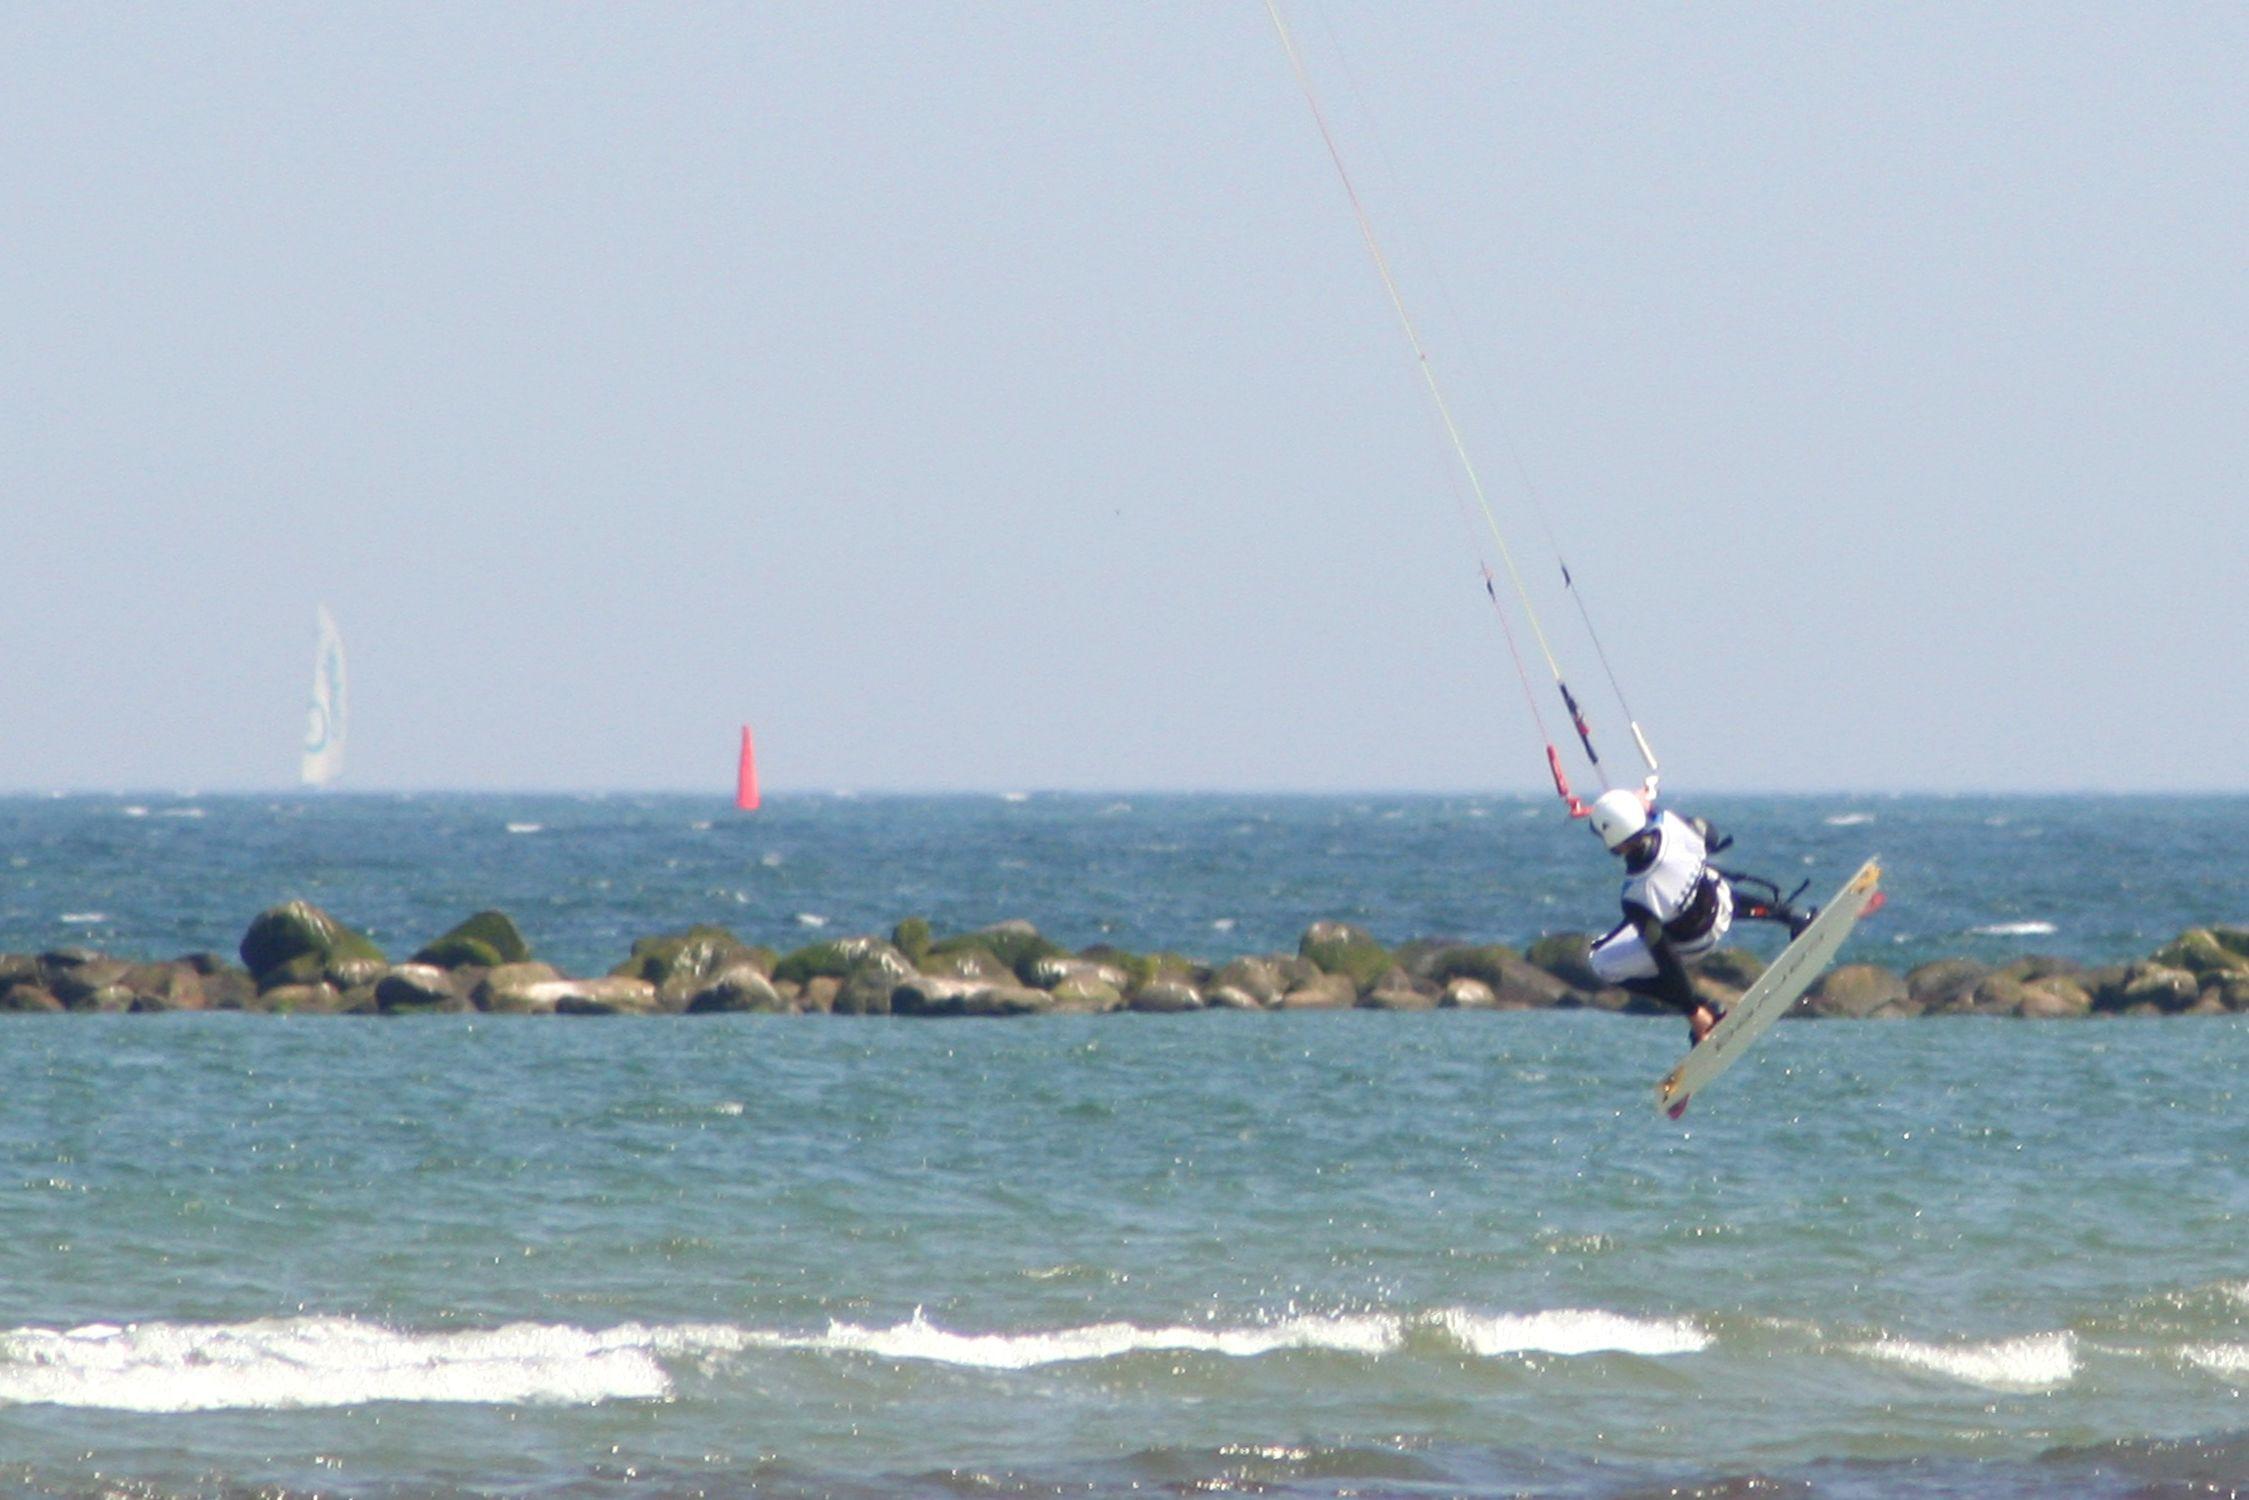 Bild mit Natur, Wasser, Landschaften, Himmel, Gewässer, Meere, Brandung, Wellen, Aktivitäten, Sport, Wassersport, Surfen, Windsurfen, Kitesurfen, Ostsee, Meer, See